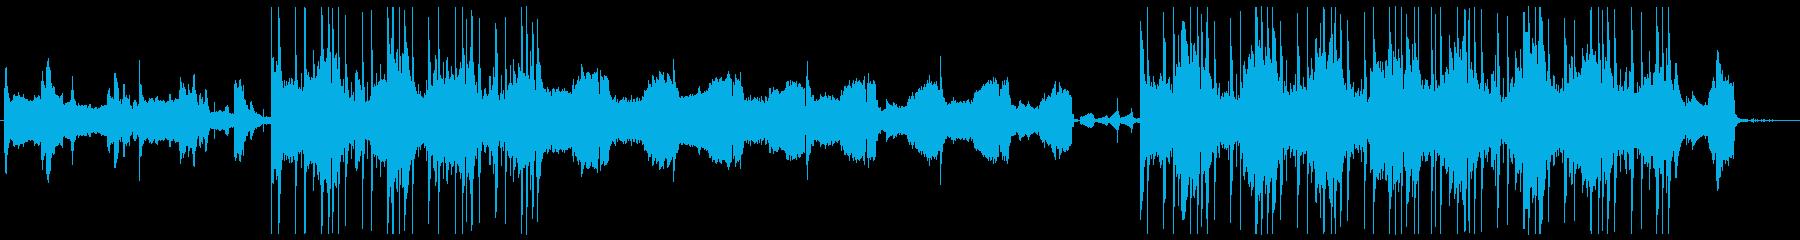 繊細かつ幻想的な雰囲気の前衛的なBGMの再生済みの波形